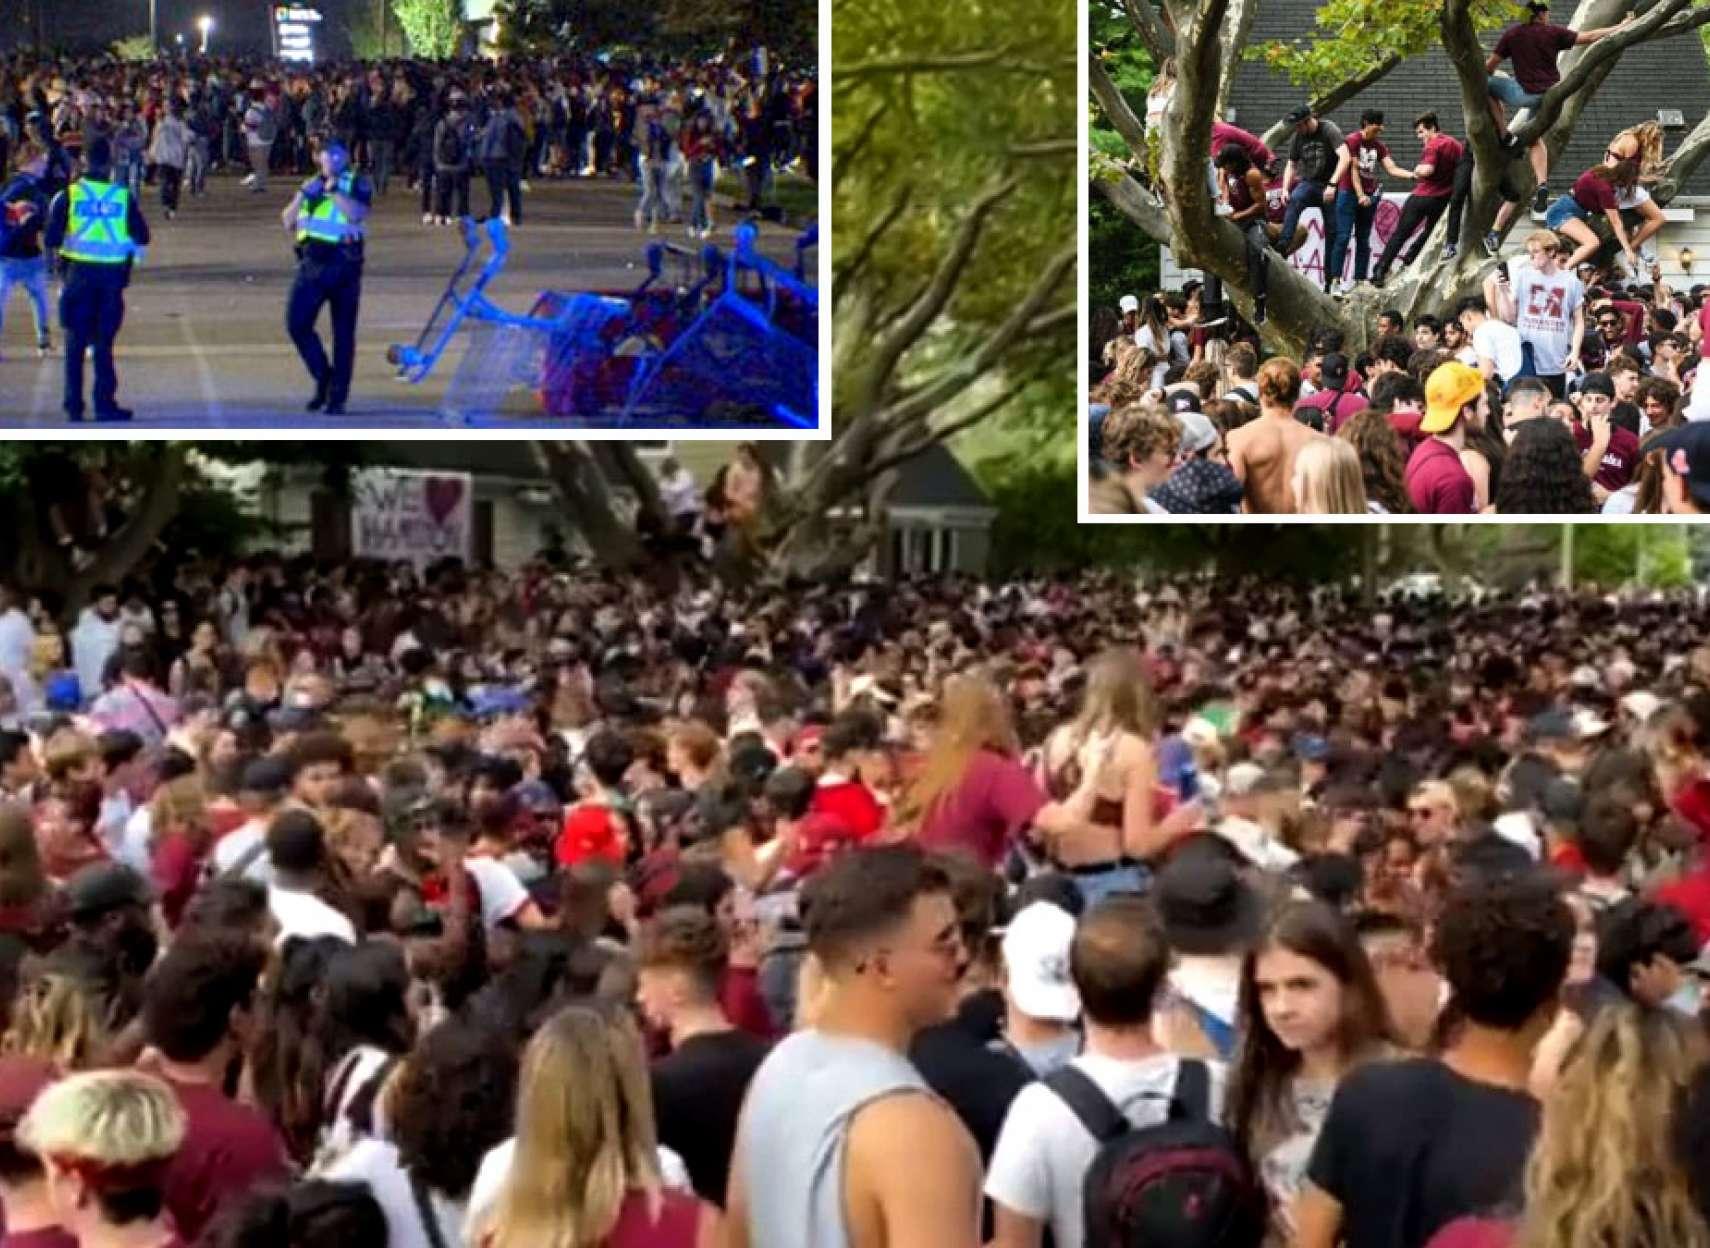 خبر-کانادا-غوغا-در-همیلتون-با-پارتی-خیابانی-هزاران-دانشجو-چپ-کردن-خودرو-و-حضور-پلیس